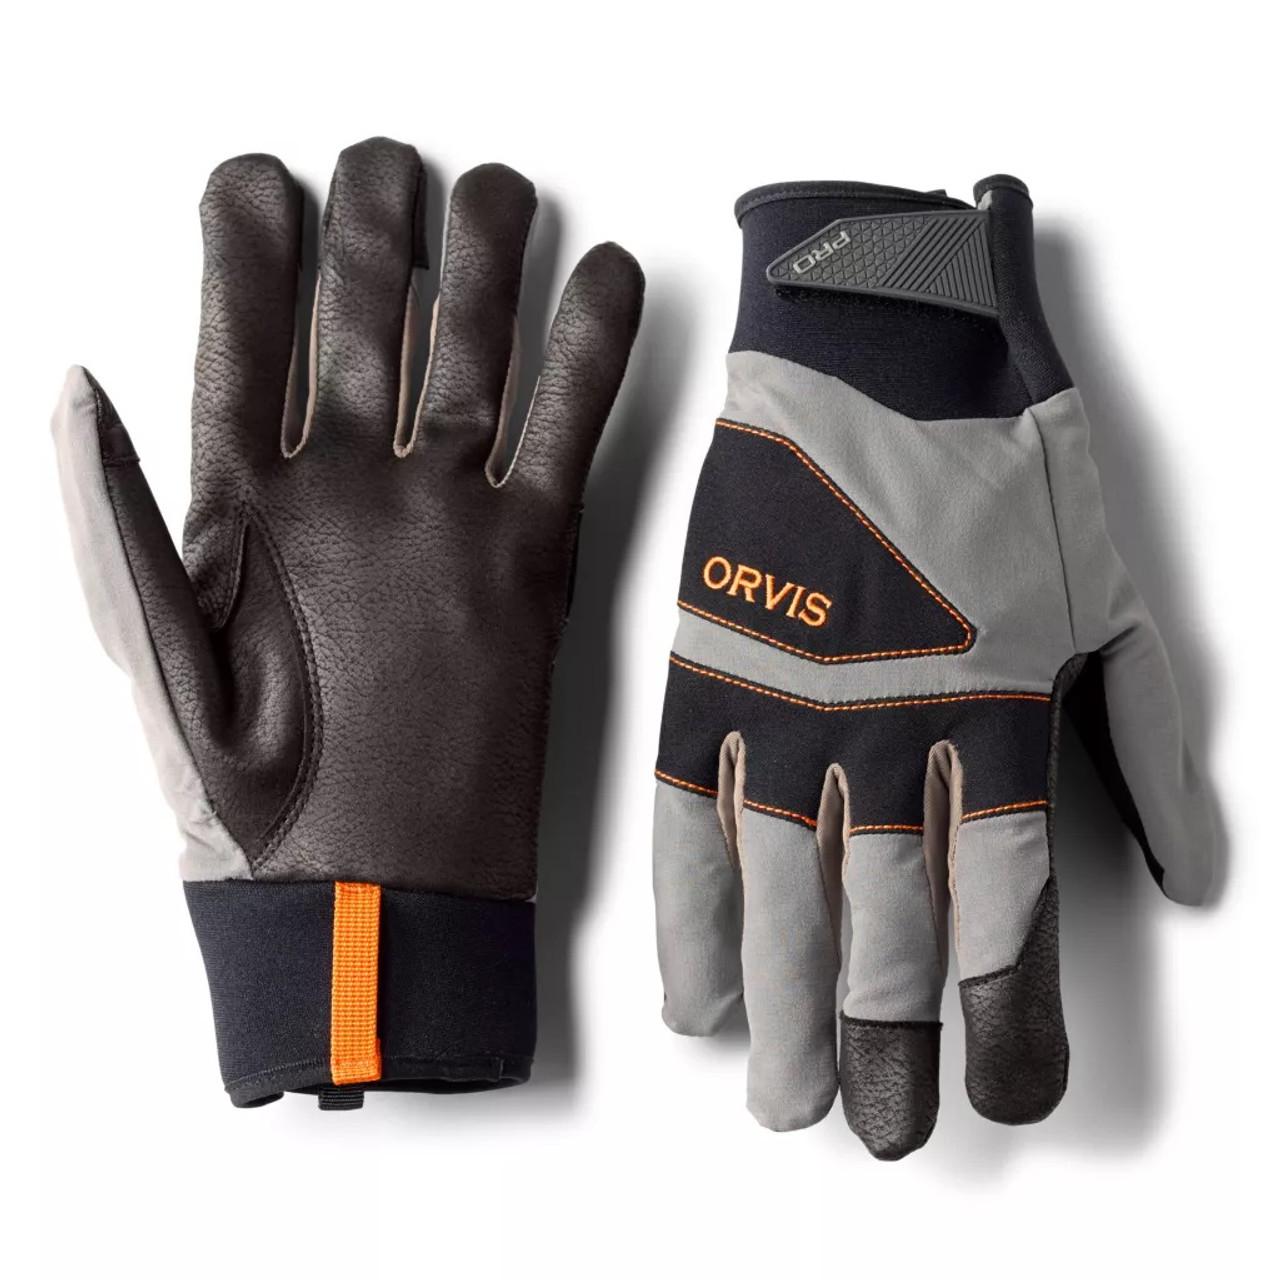 Orvis Pro LT Upland Hunting Gloves 27XG